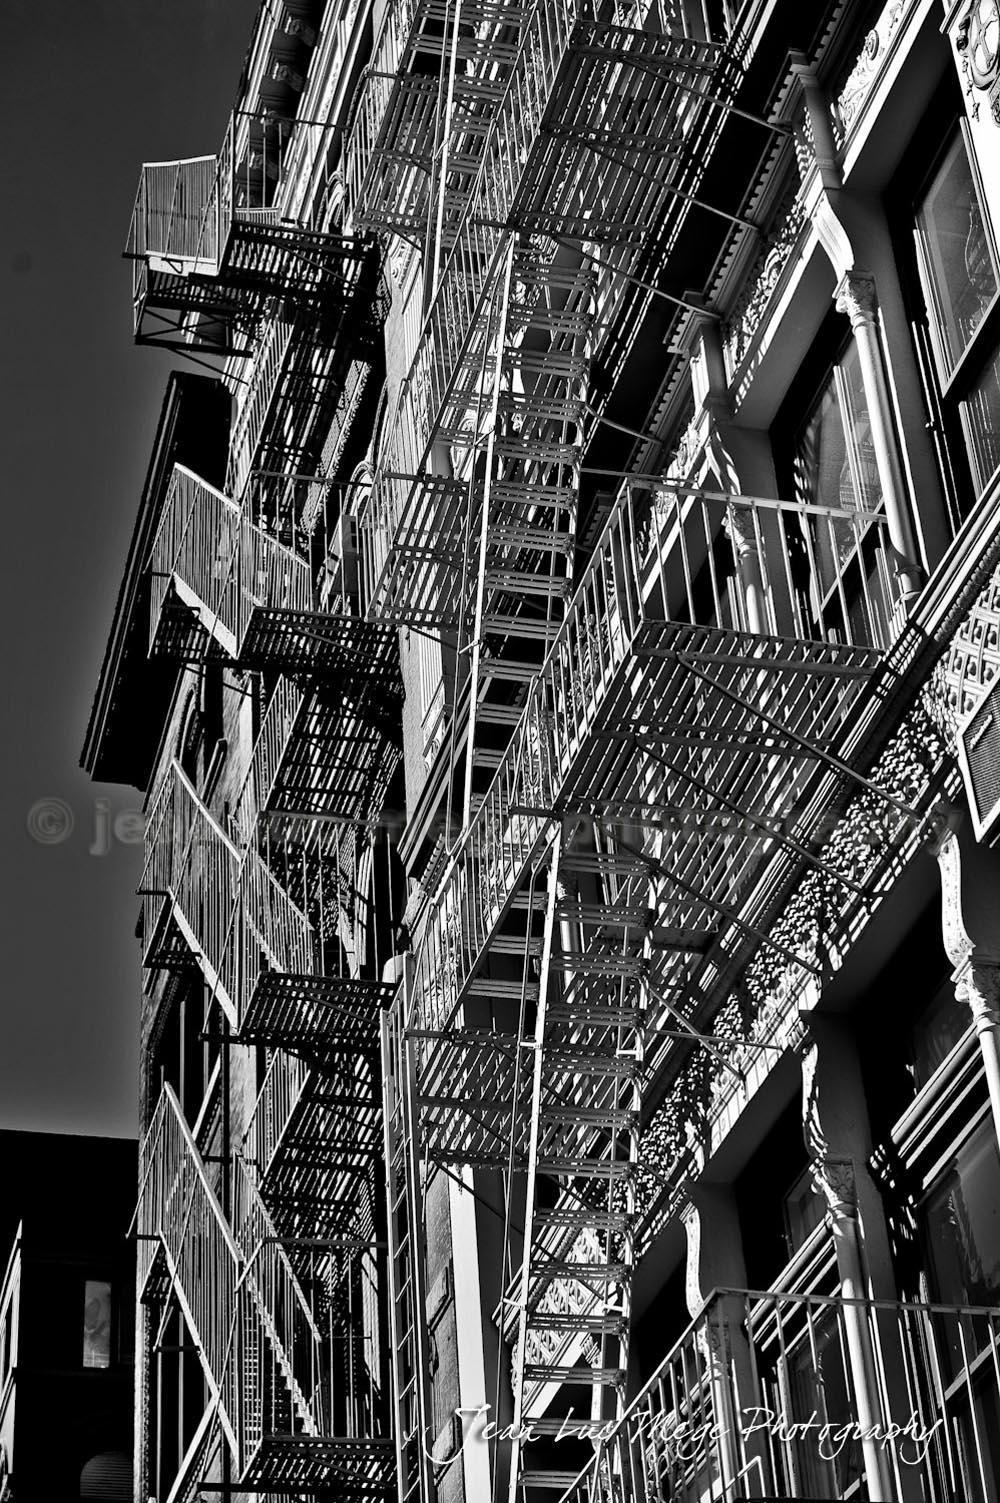 Architecture-jluc-mege011.jpg